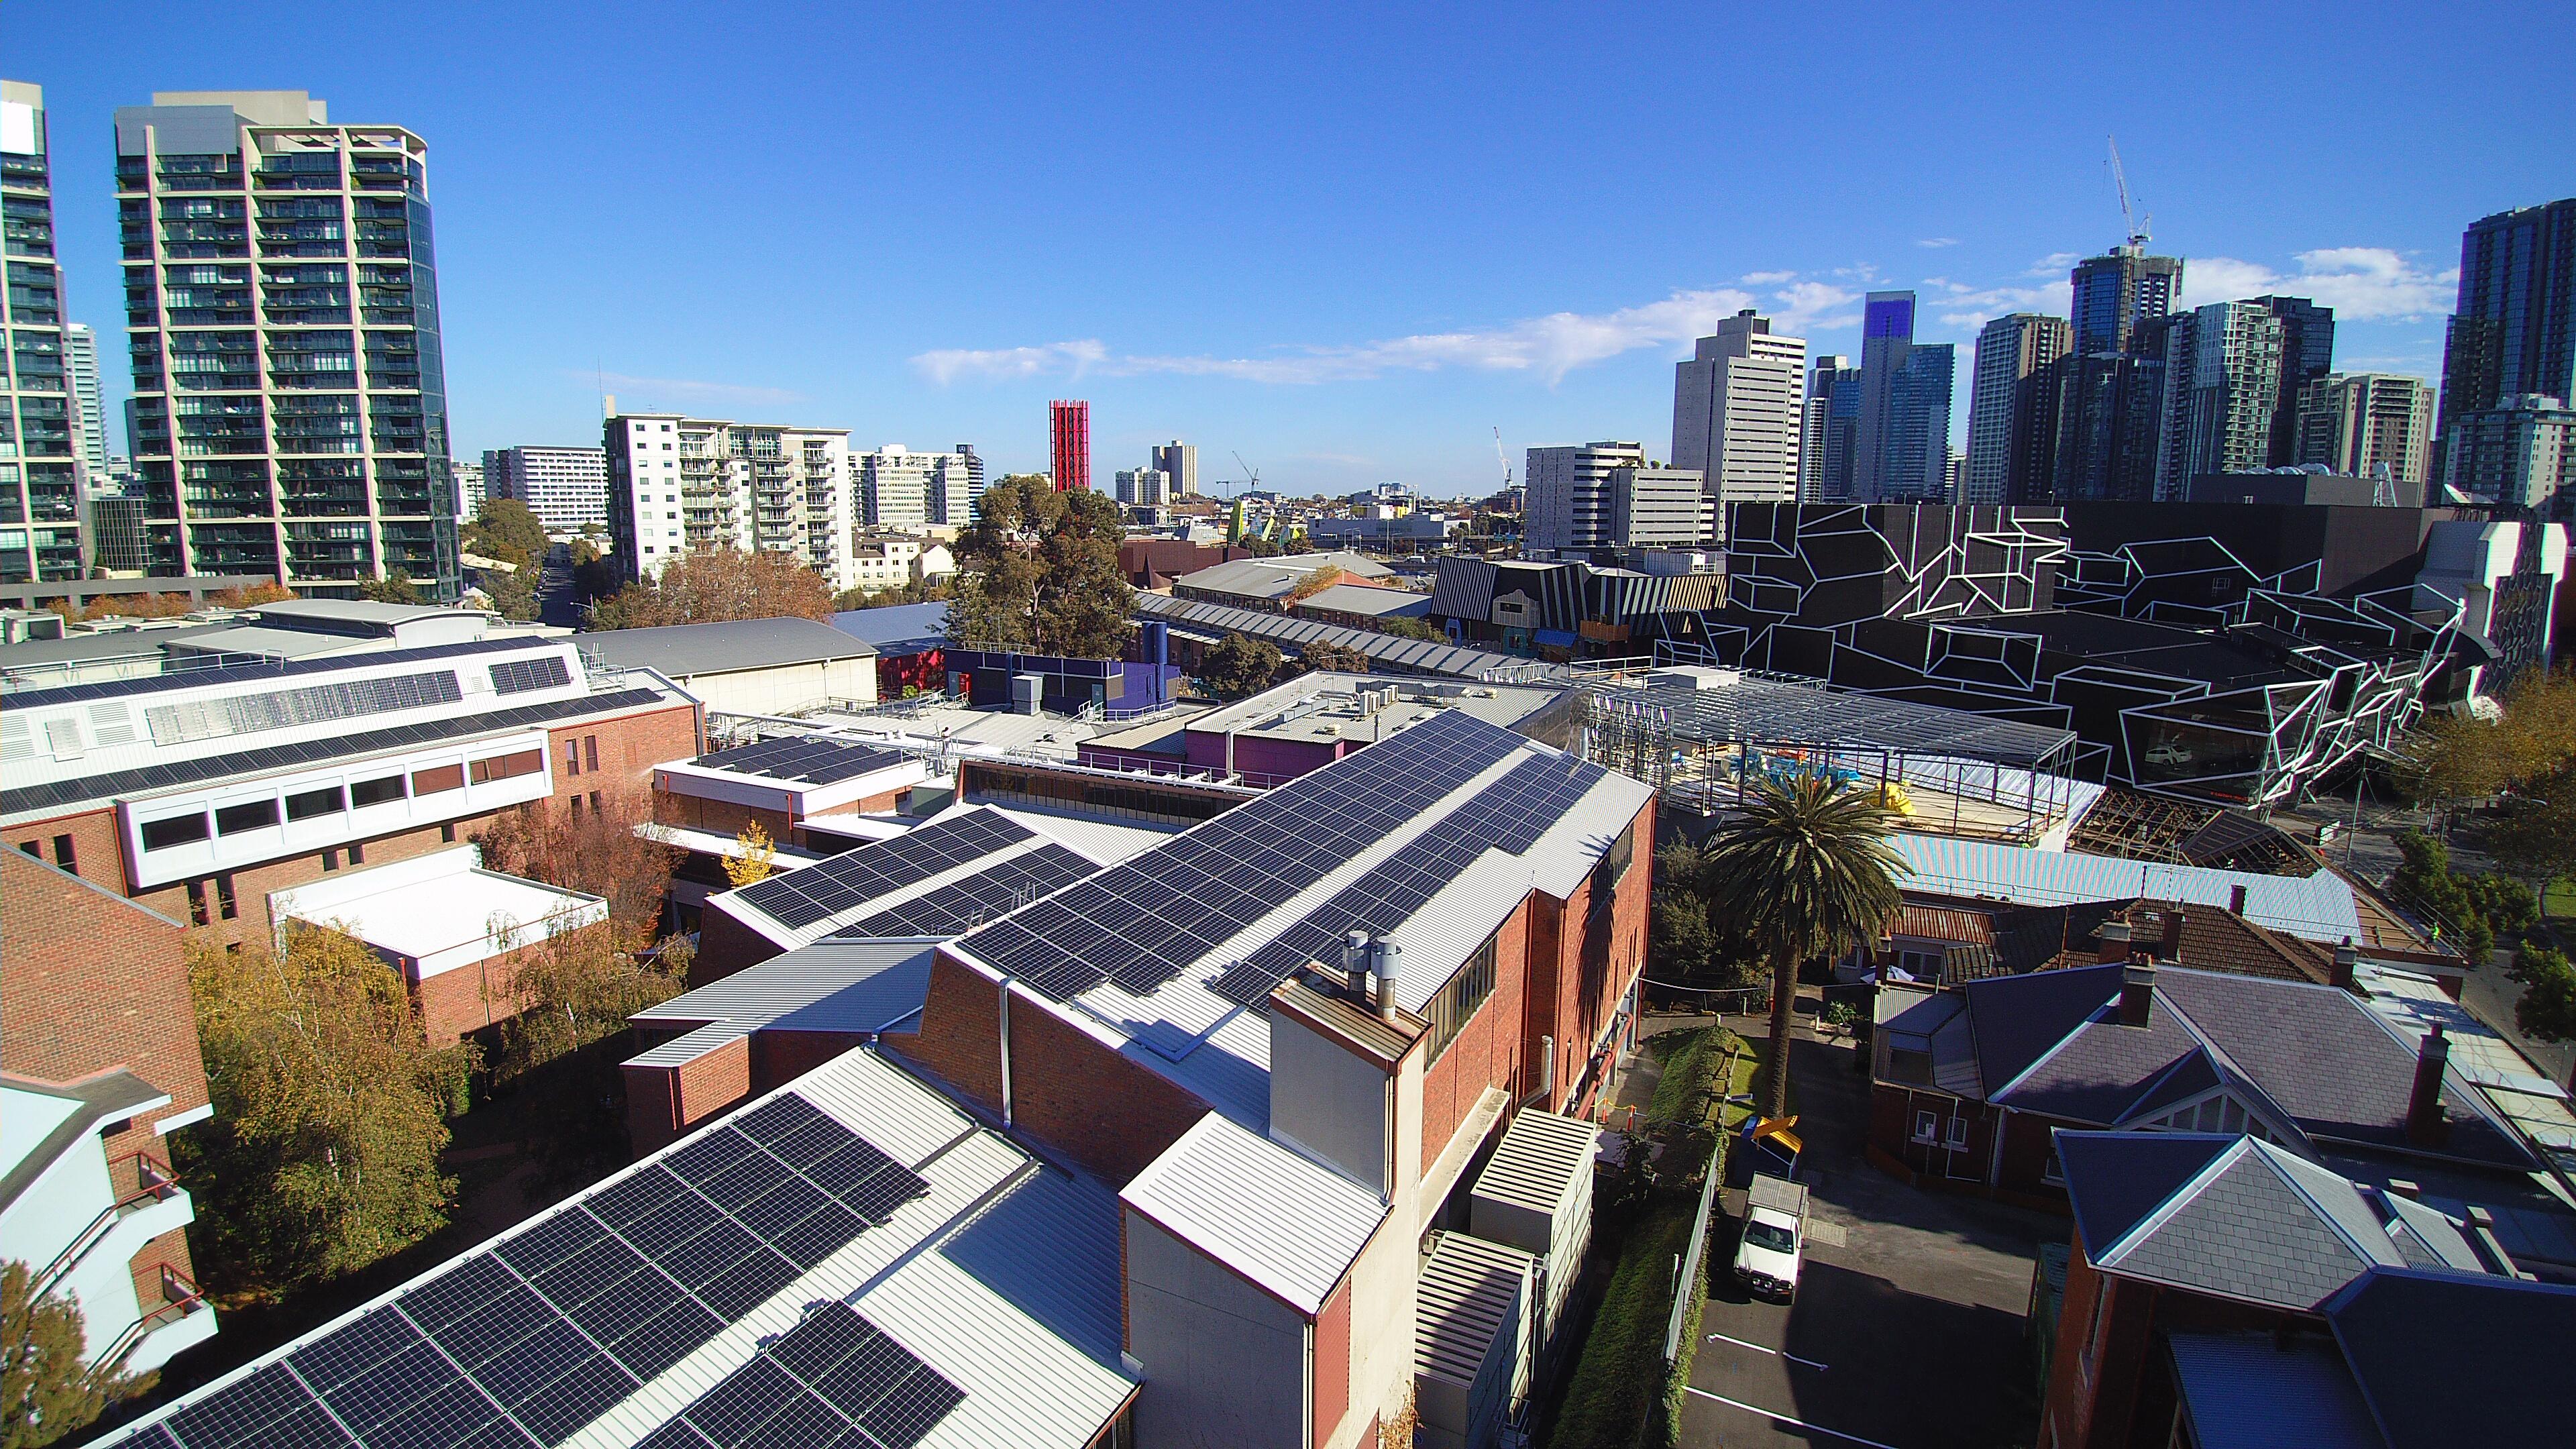 University of Melbourne Southbank